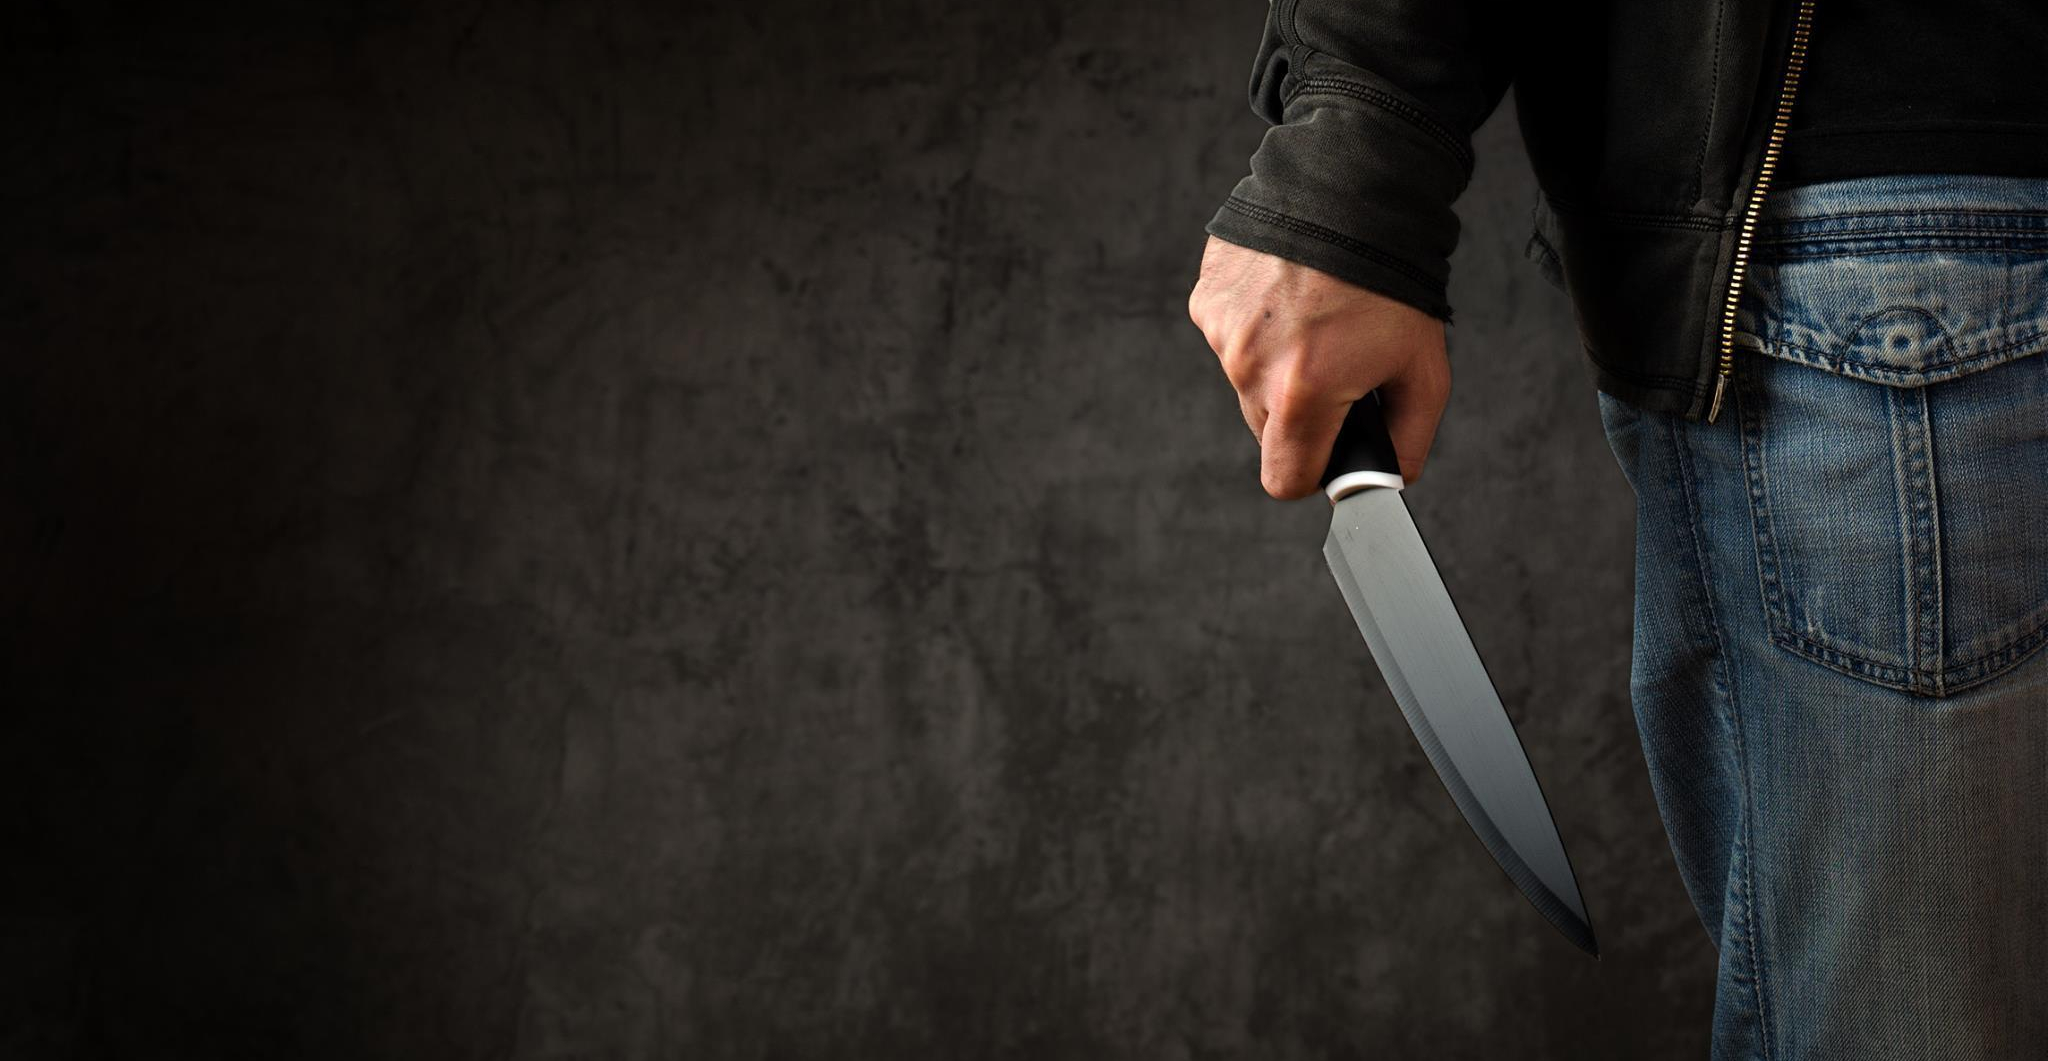 Aumento de ataques com faca no mundo mostram: O problema não são as armas, são as pessoas